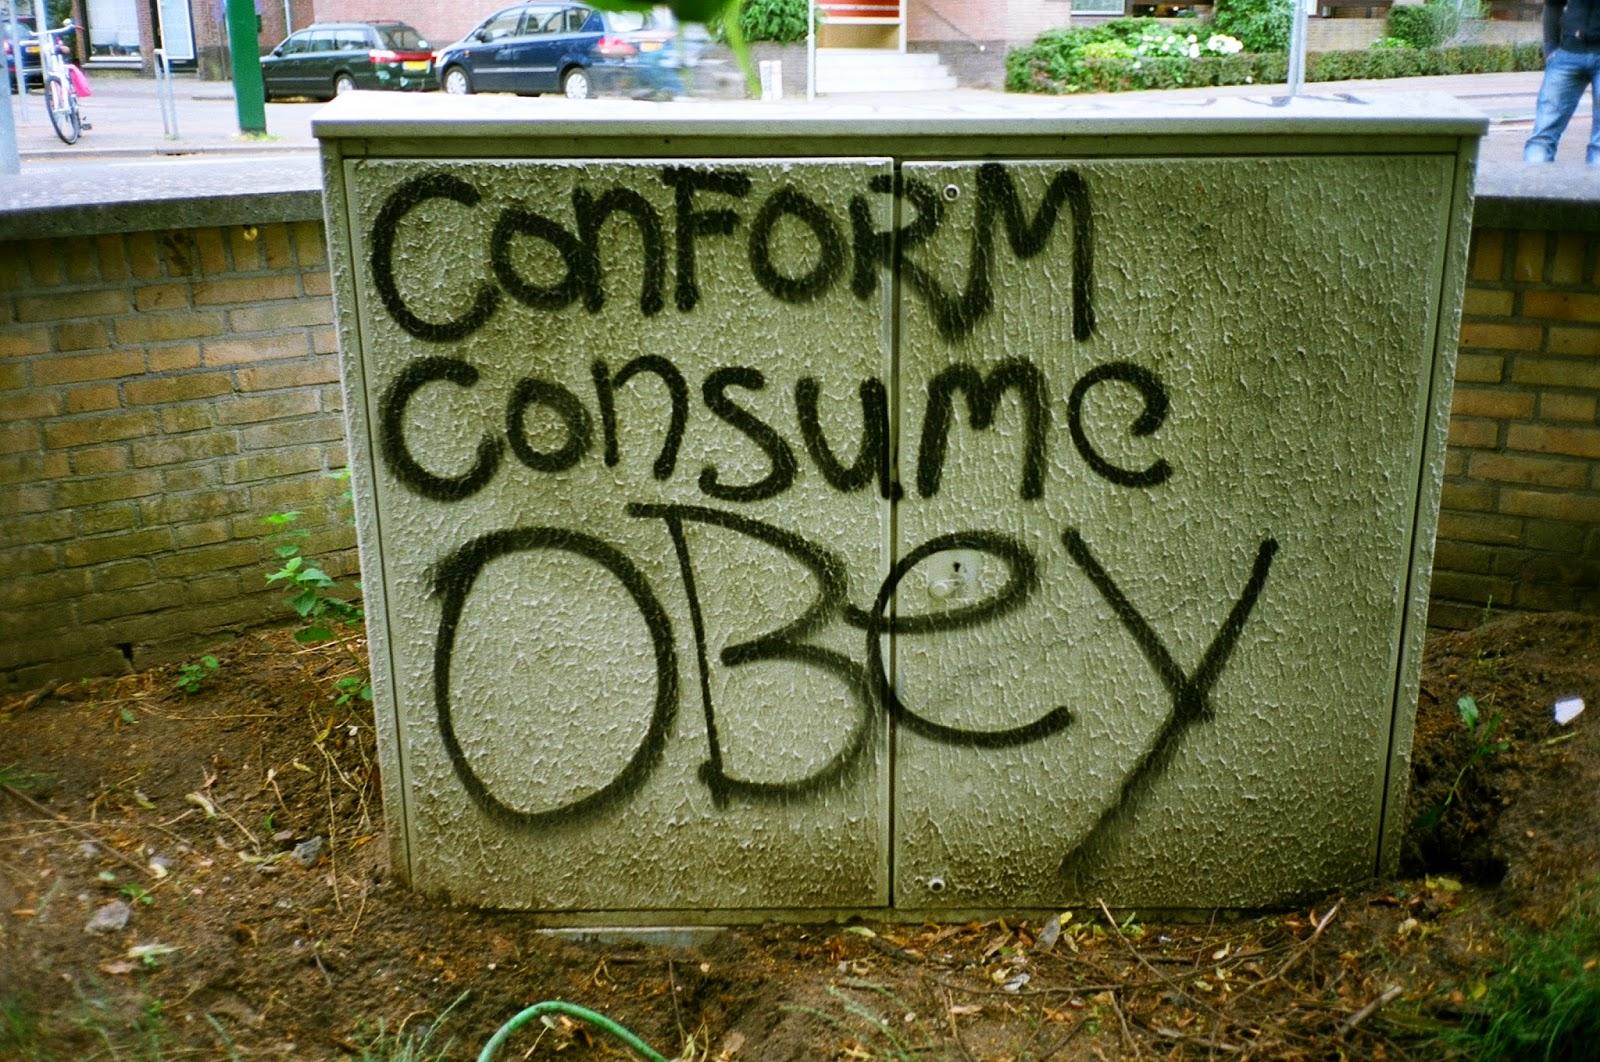 Consumption, Material Culture, Social Control, Capitalism, ©VAC,100Days, 4 Million Conversations, 2015 General Election, Labour Party,